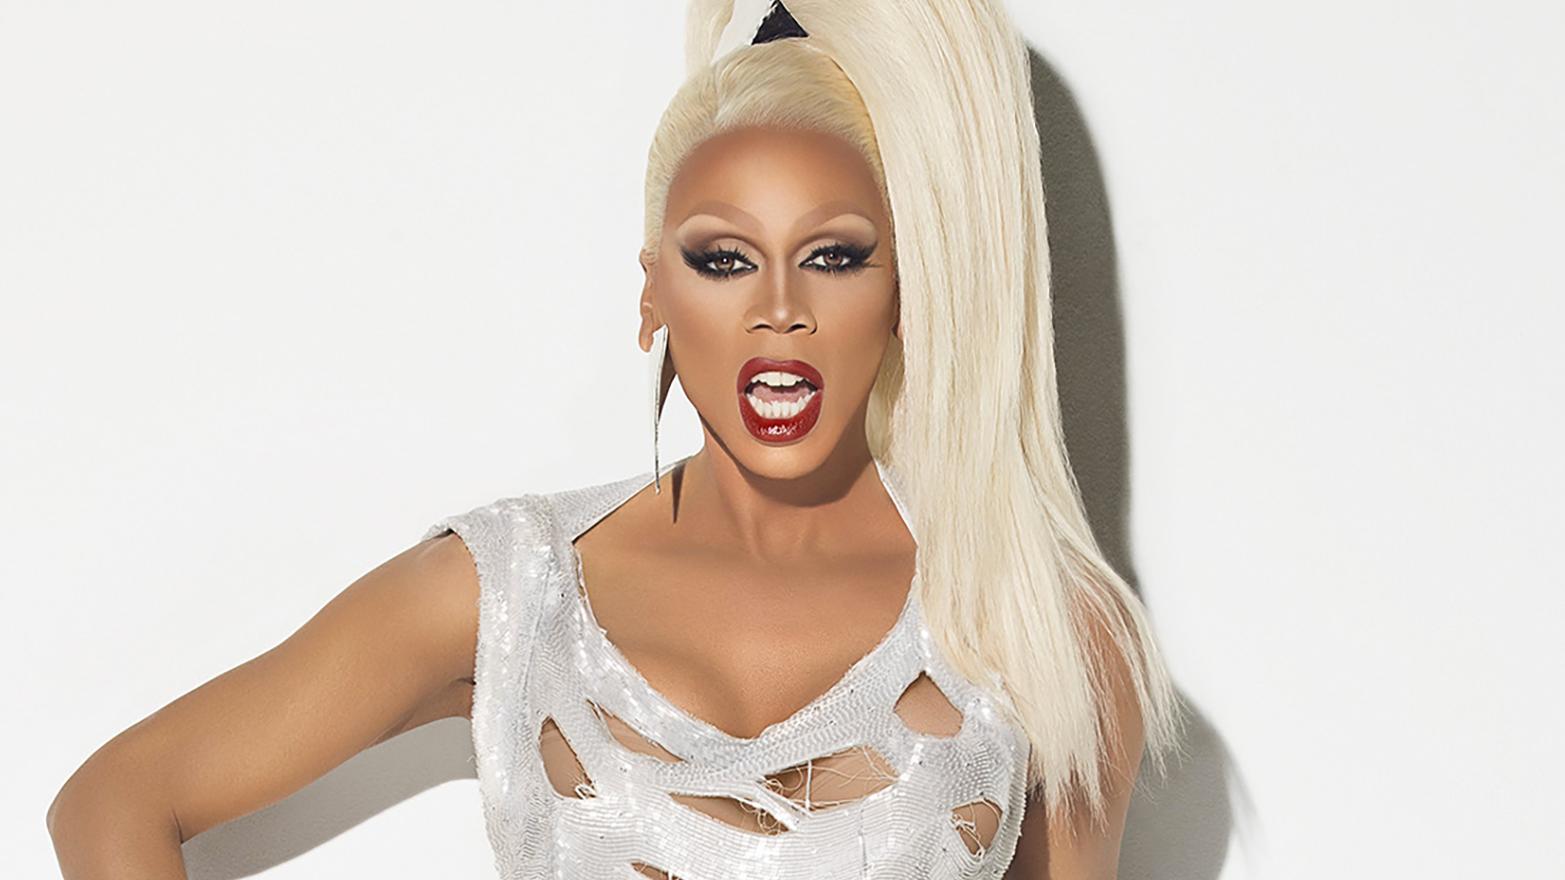 Essa não é a primeira vez que a drag se atrapalha com imagens nesta rede social.